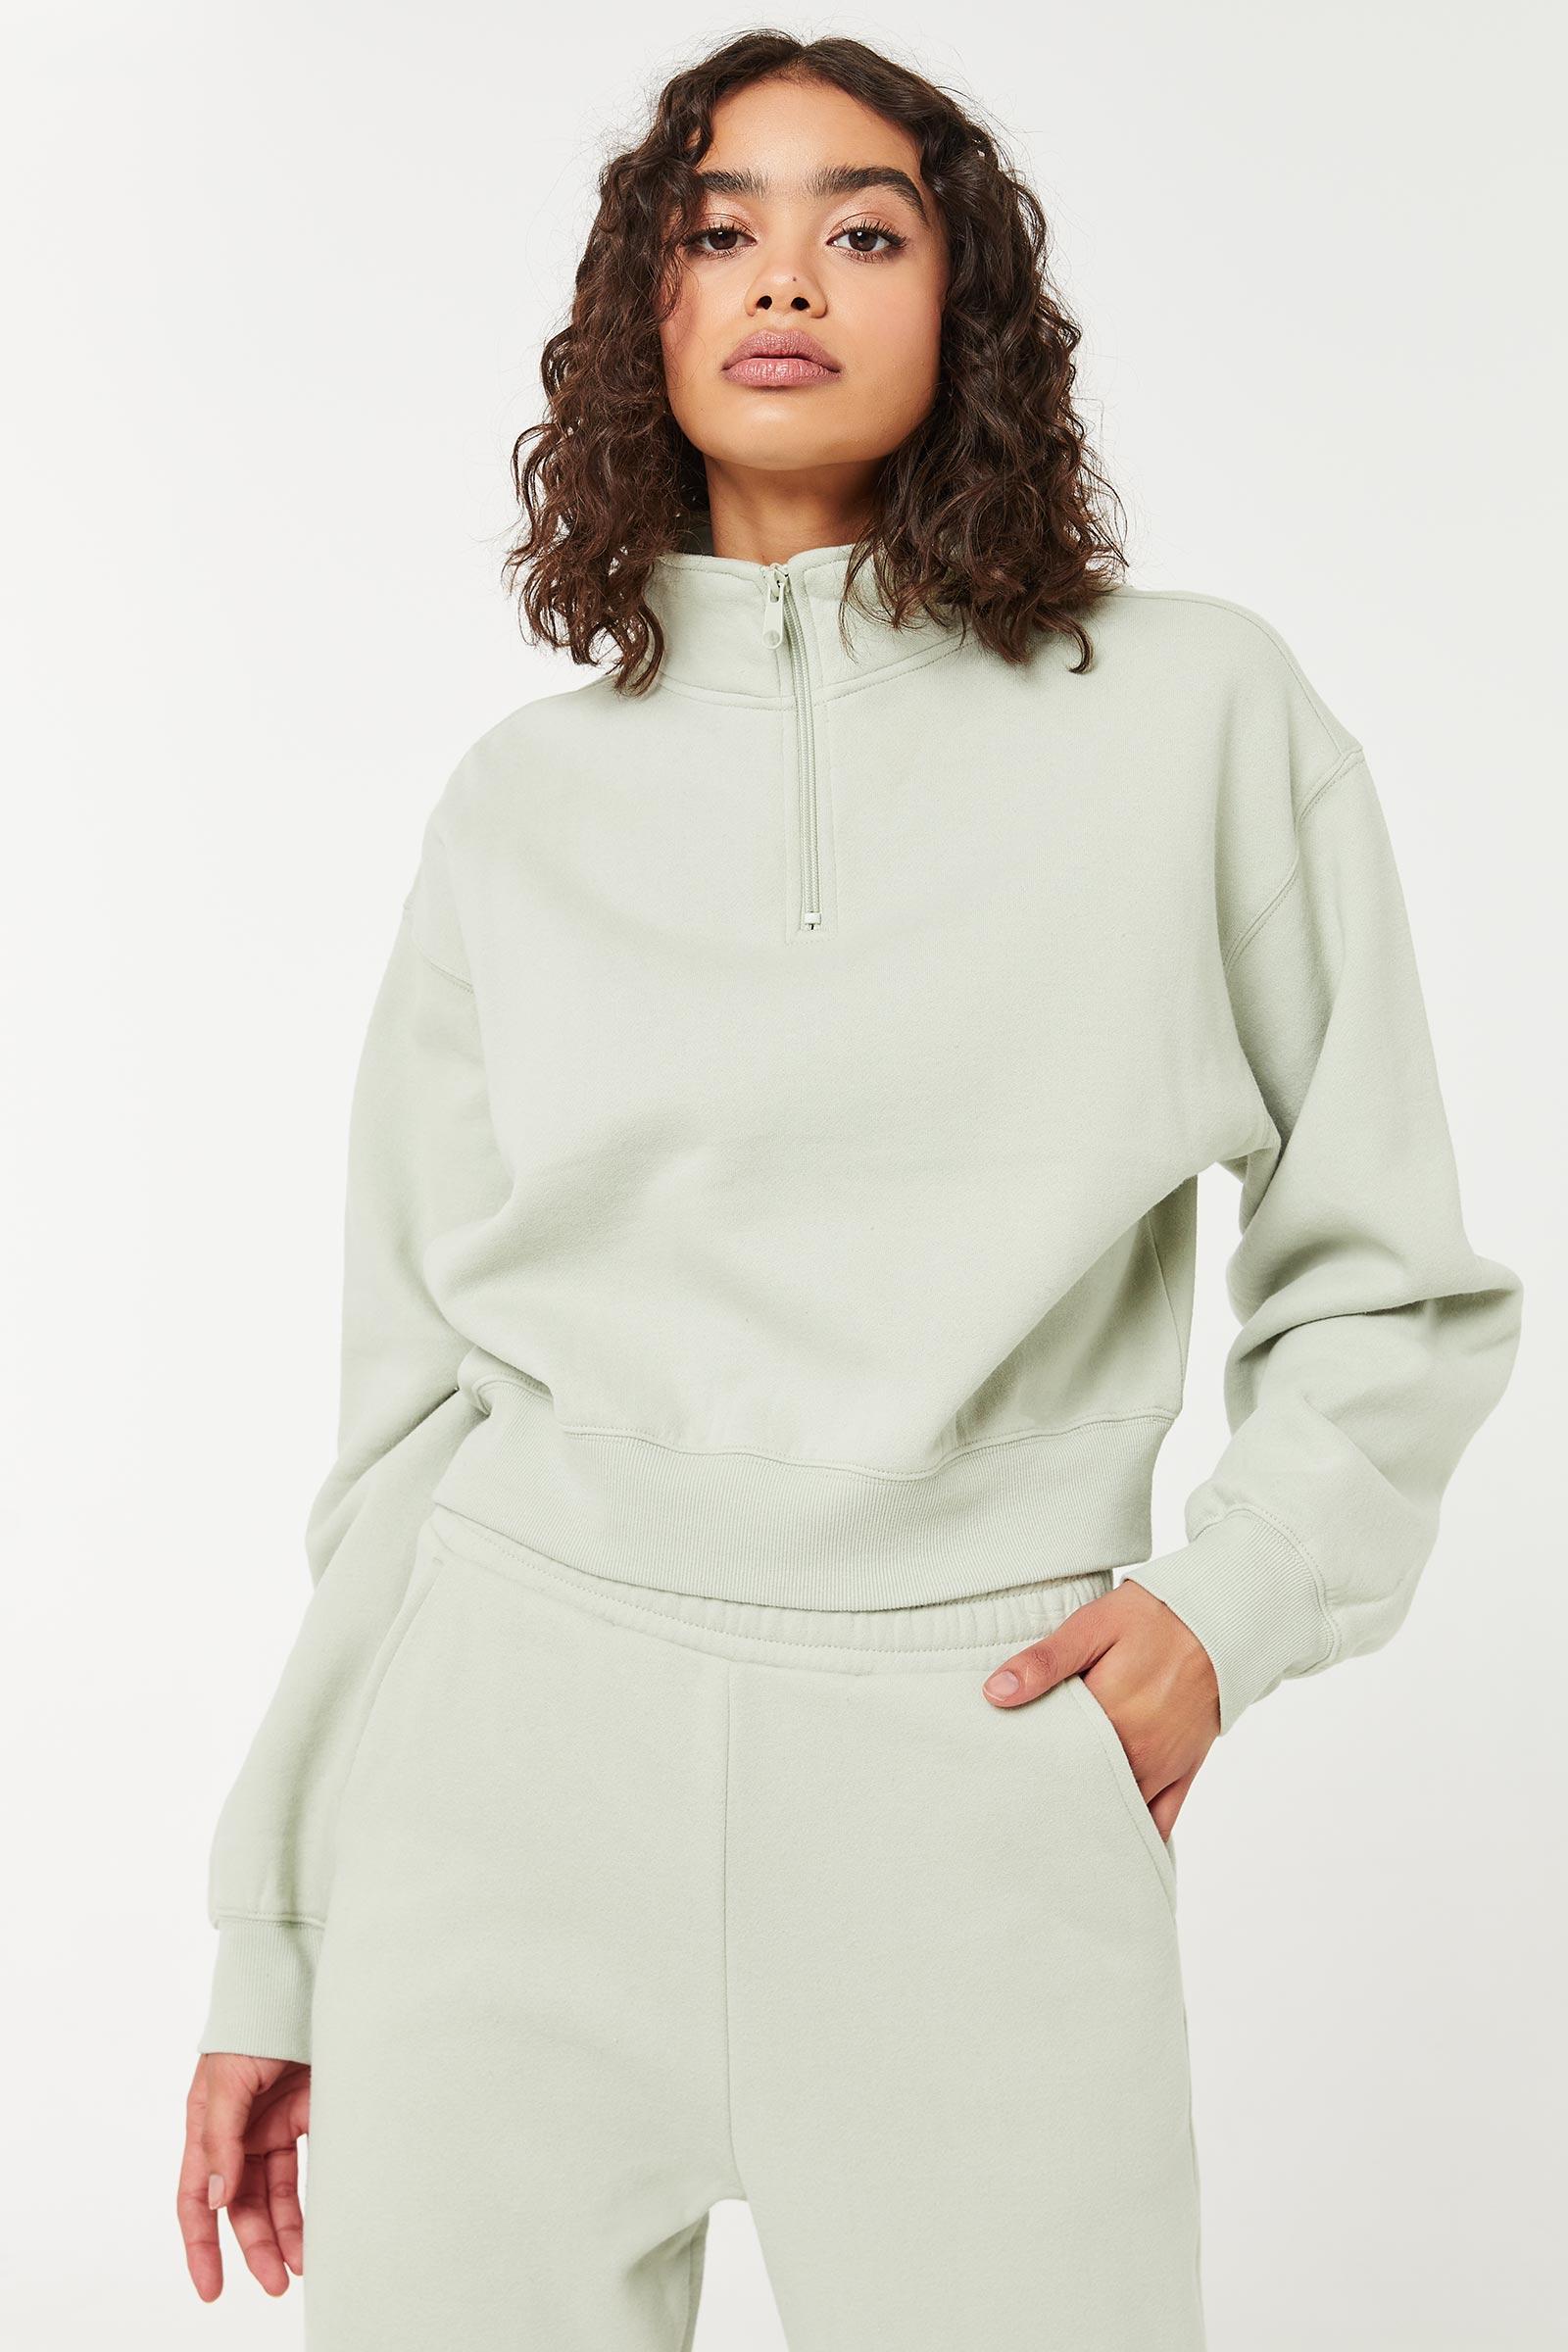 Half-Zip Mock Neck Sweatshirt